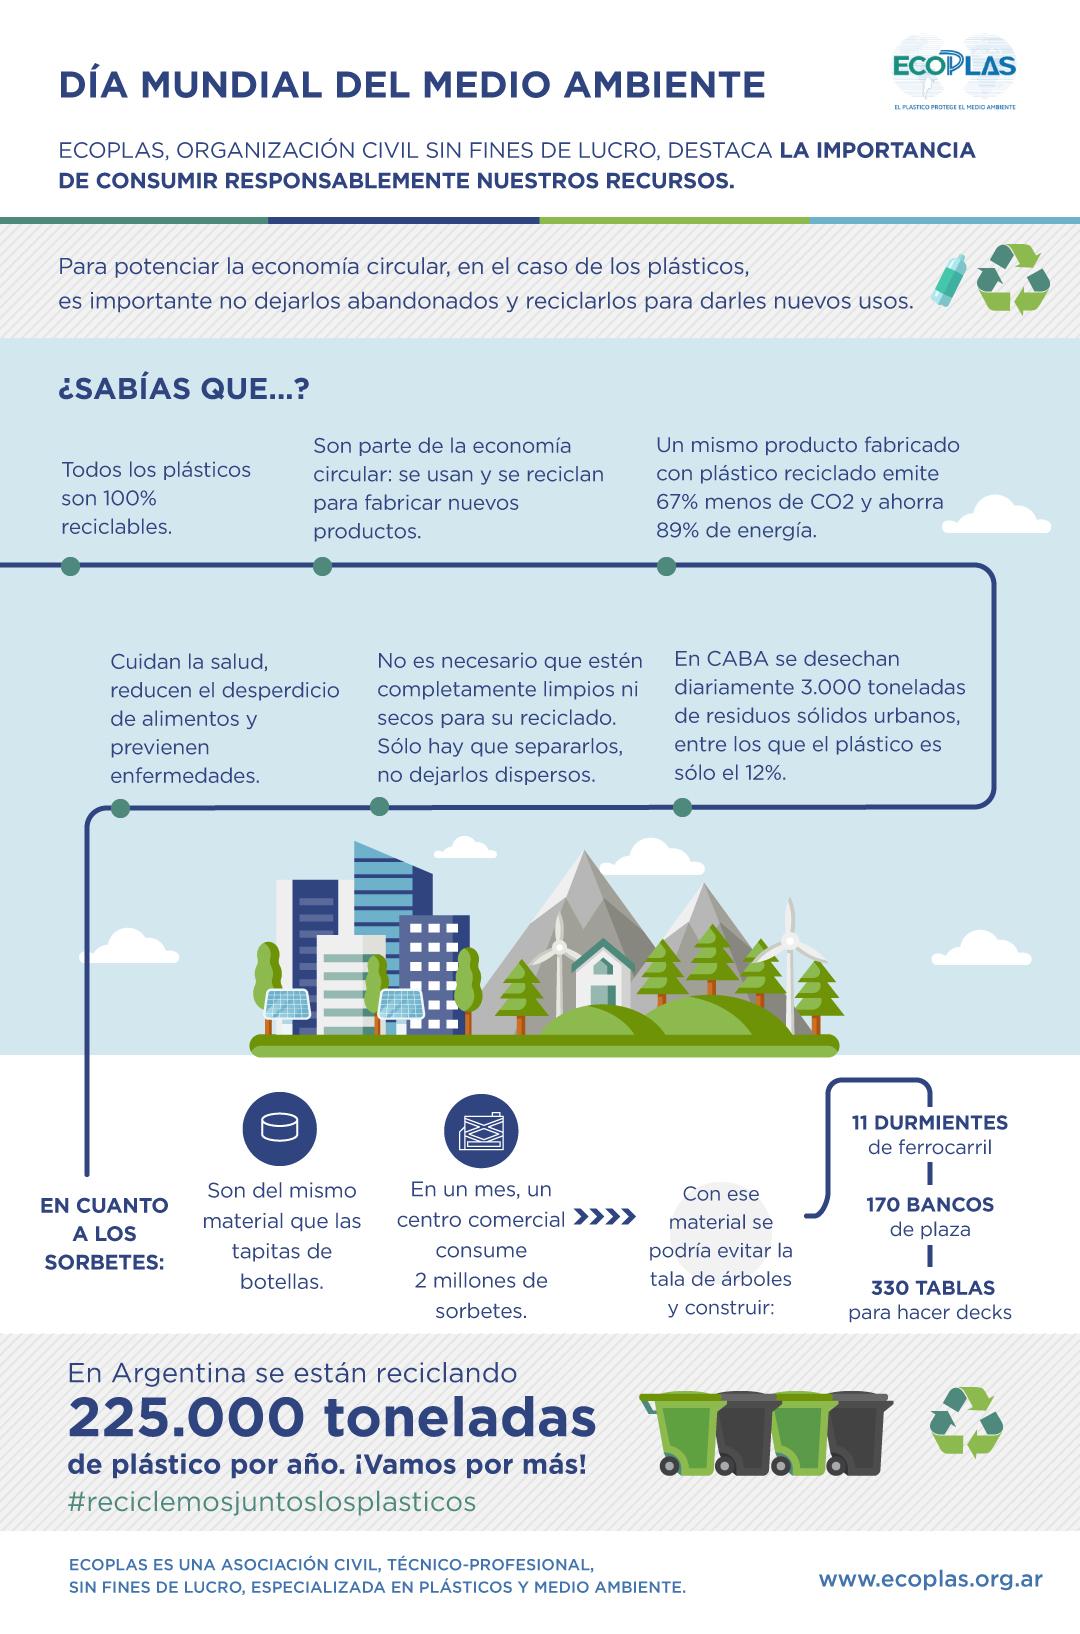 19-06-05 Día del Medio Ambiente - Ecoplas Flyer